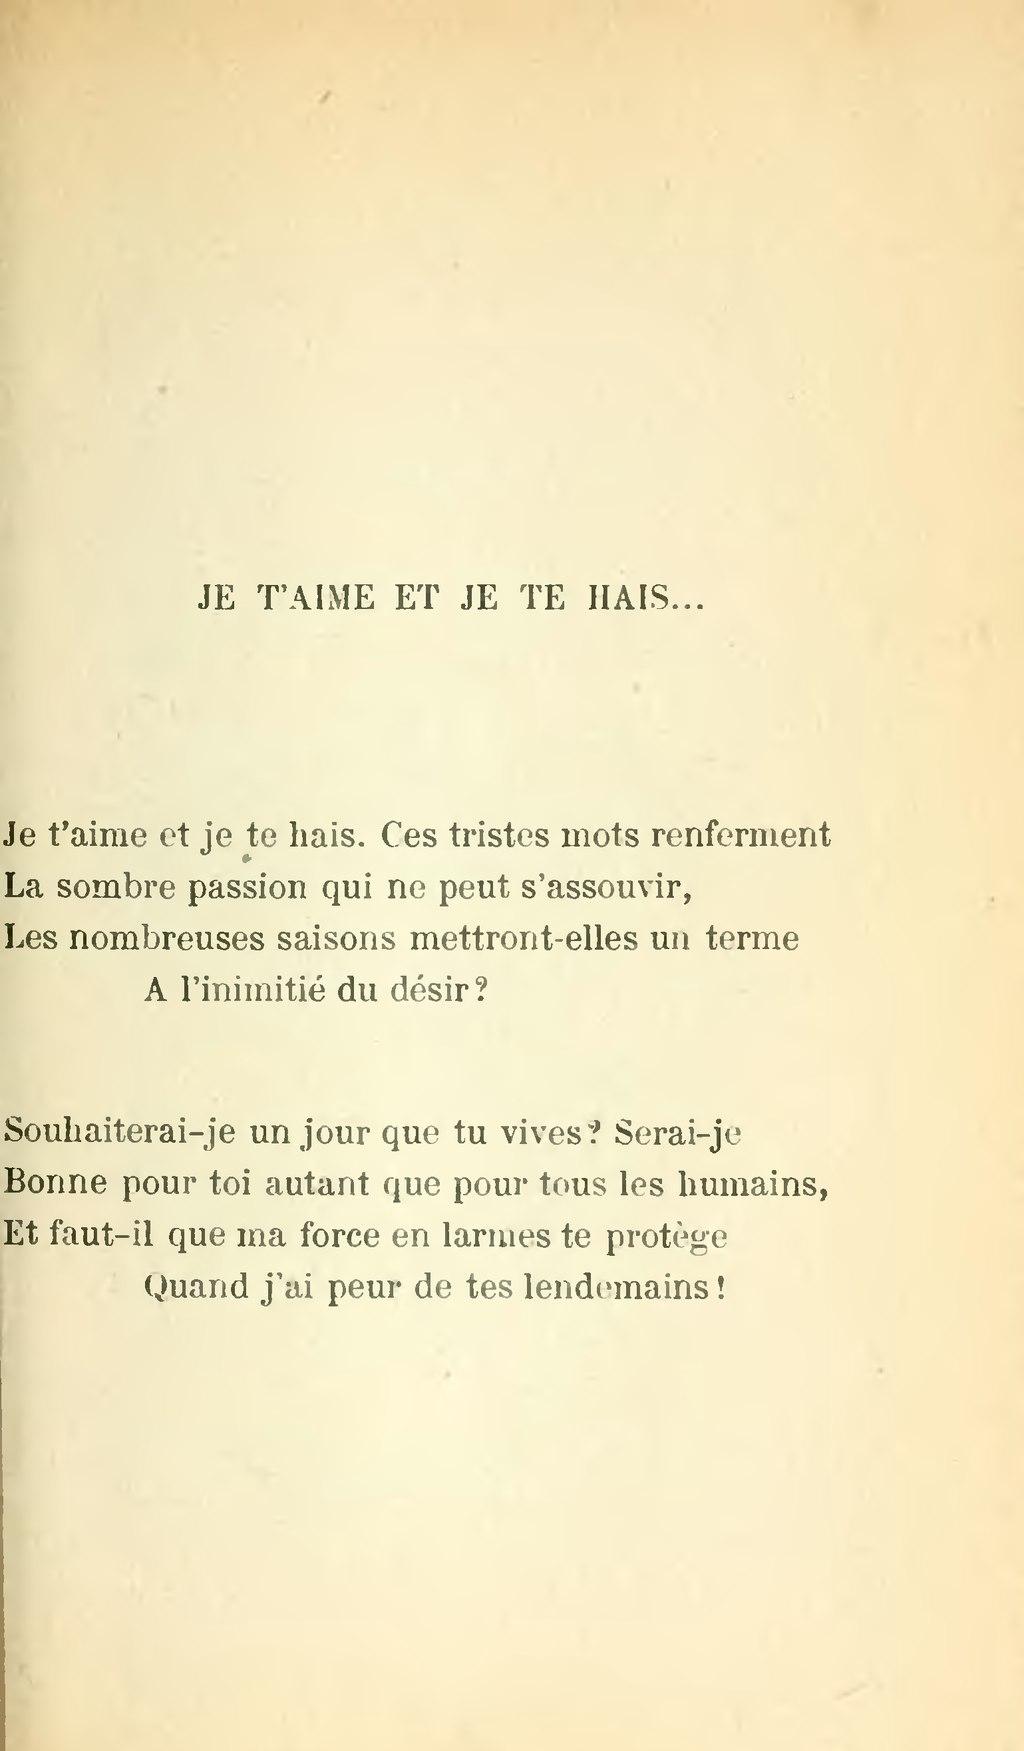 Je T'aime Mais Je Te Hais : t'aime, Page:Noailles, Forces, éternelles,, 1920.djvu/383, Wikisource